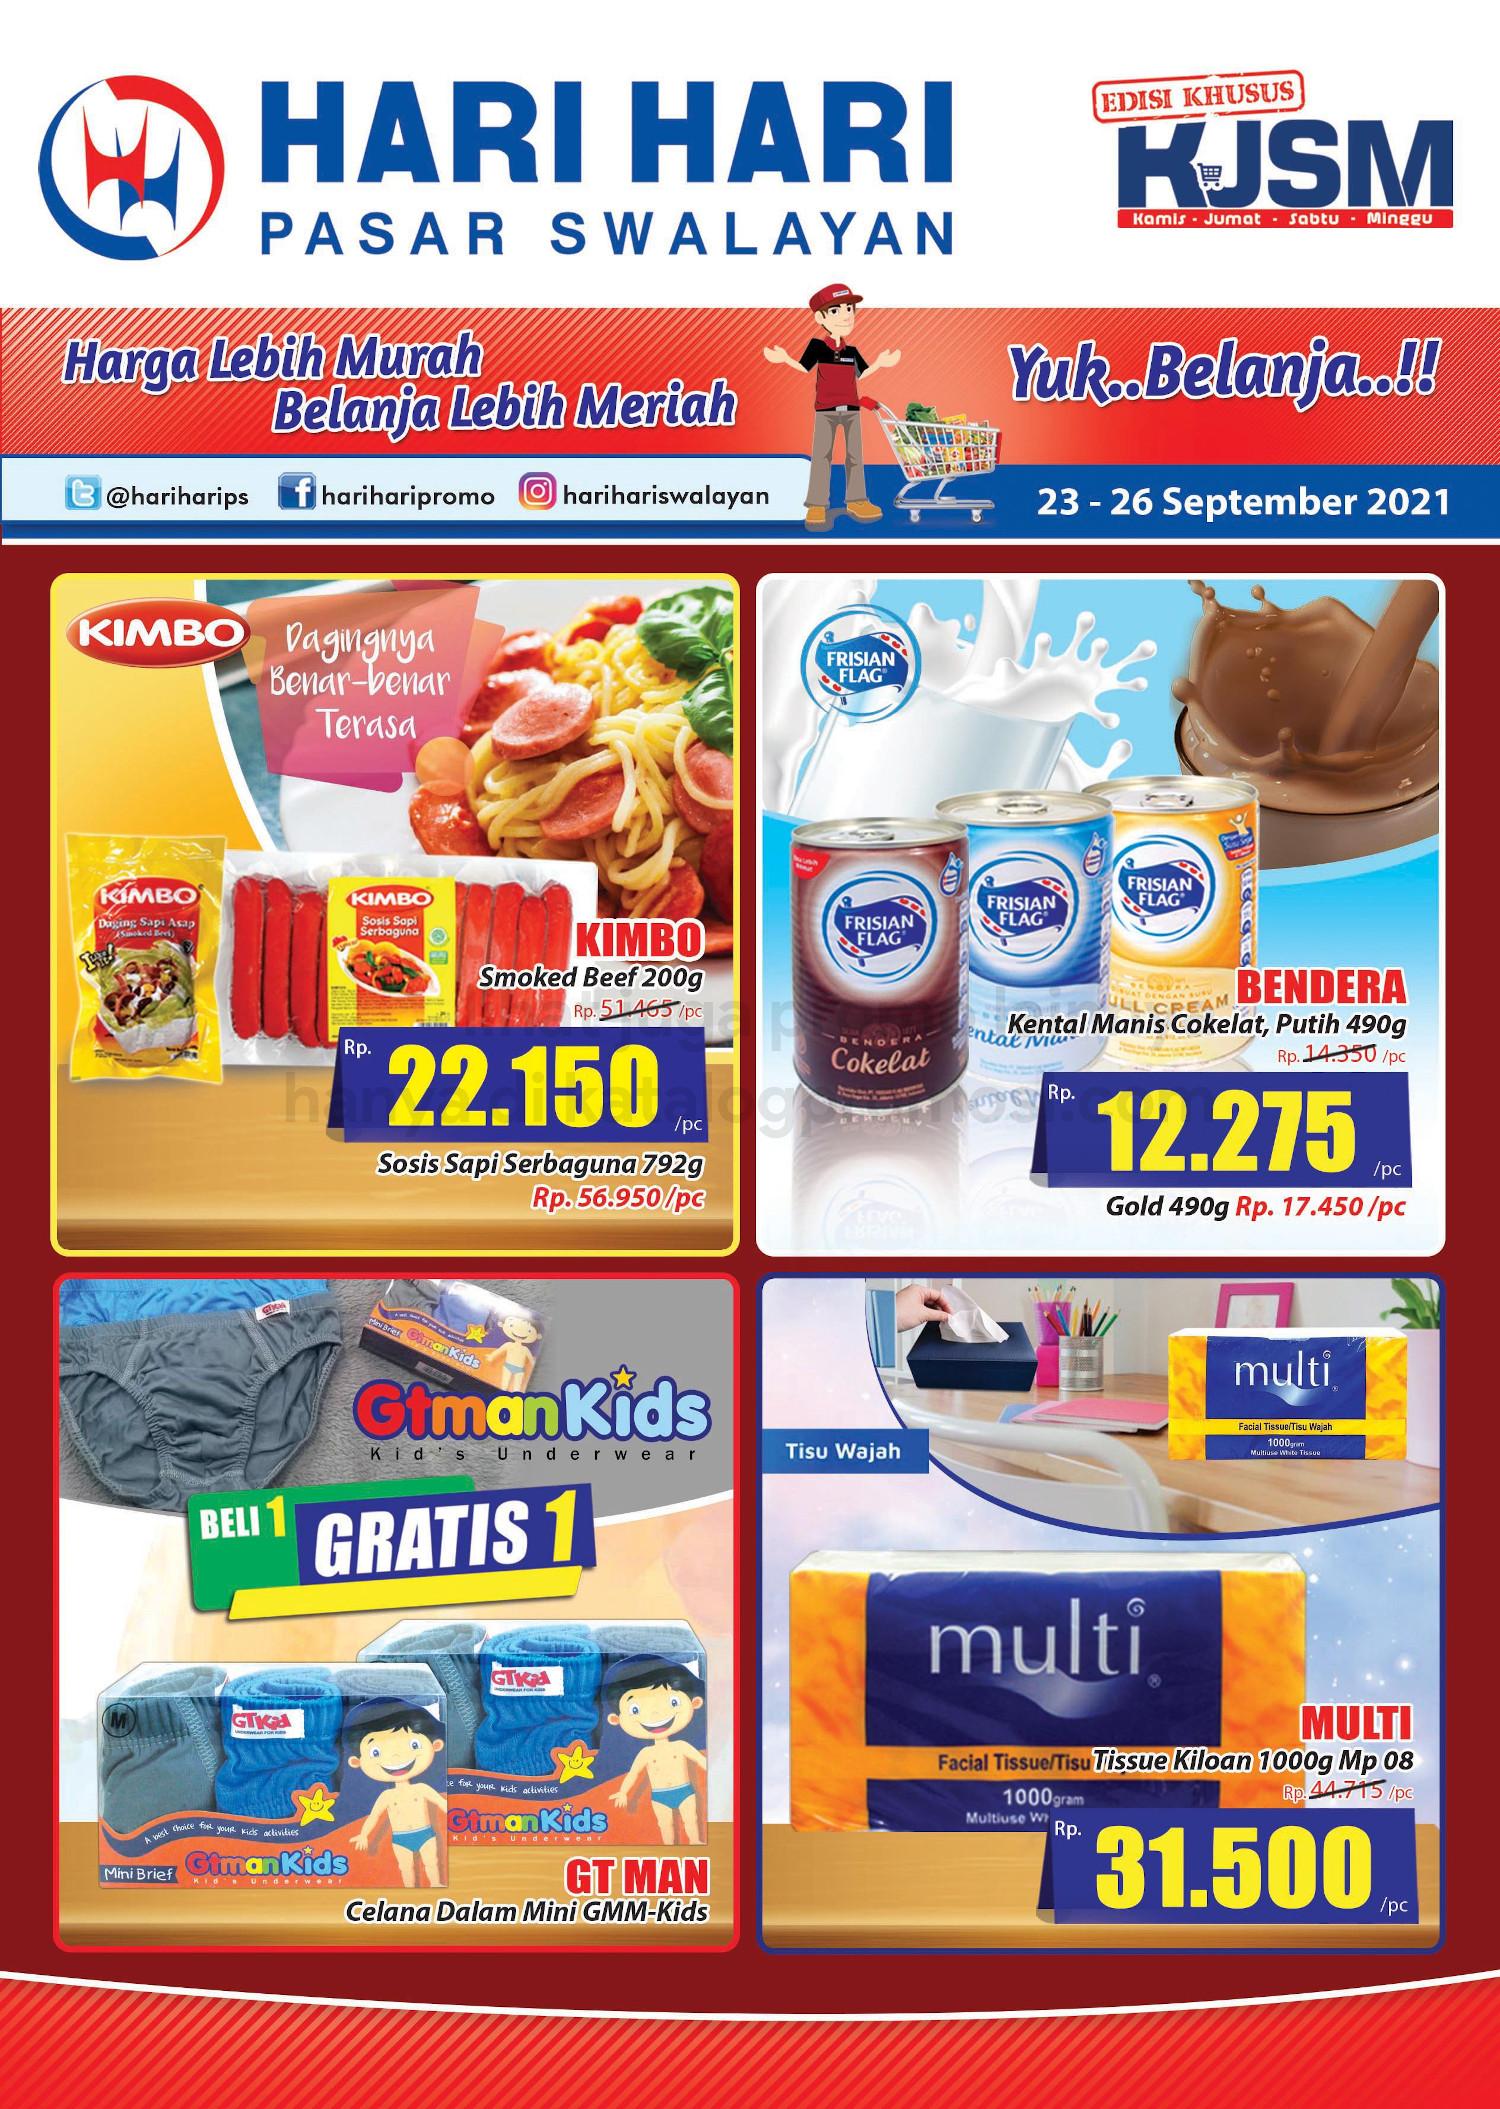 Promo Hari Hari Pasar Swalayan Weekend JSM Periode 23-26 September 2021